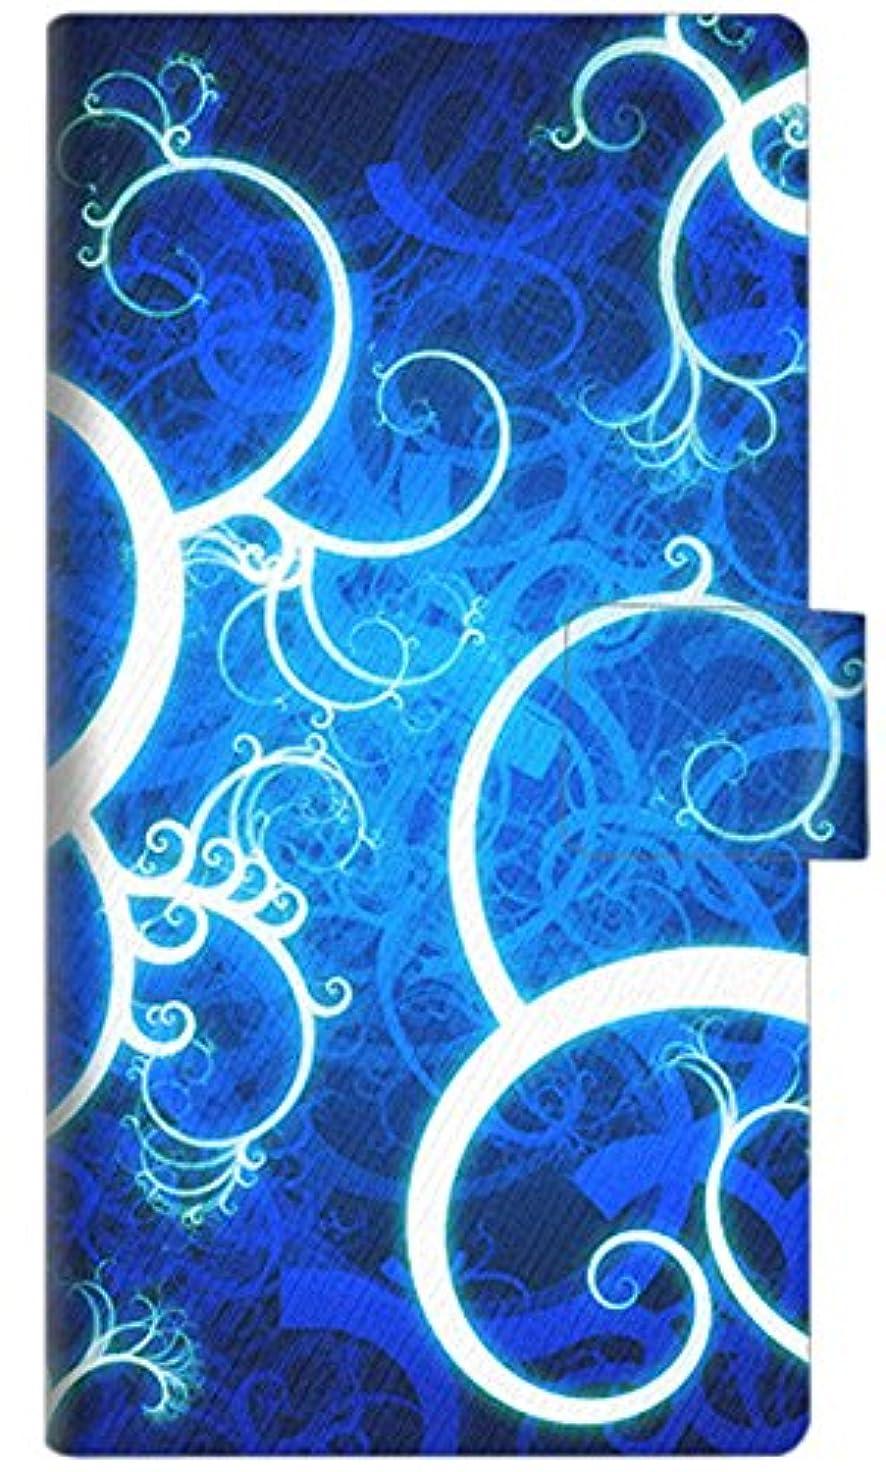 クレデンシャル心からわずかにiPhone SE 第2世代 手帳型 スマホ ケース カバー EK850 神秘の草 横開き UV印刷